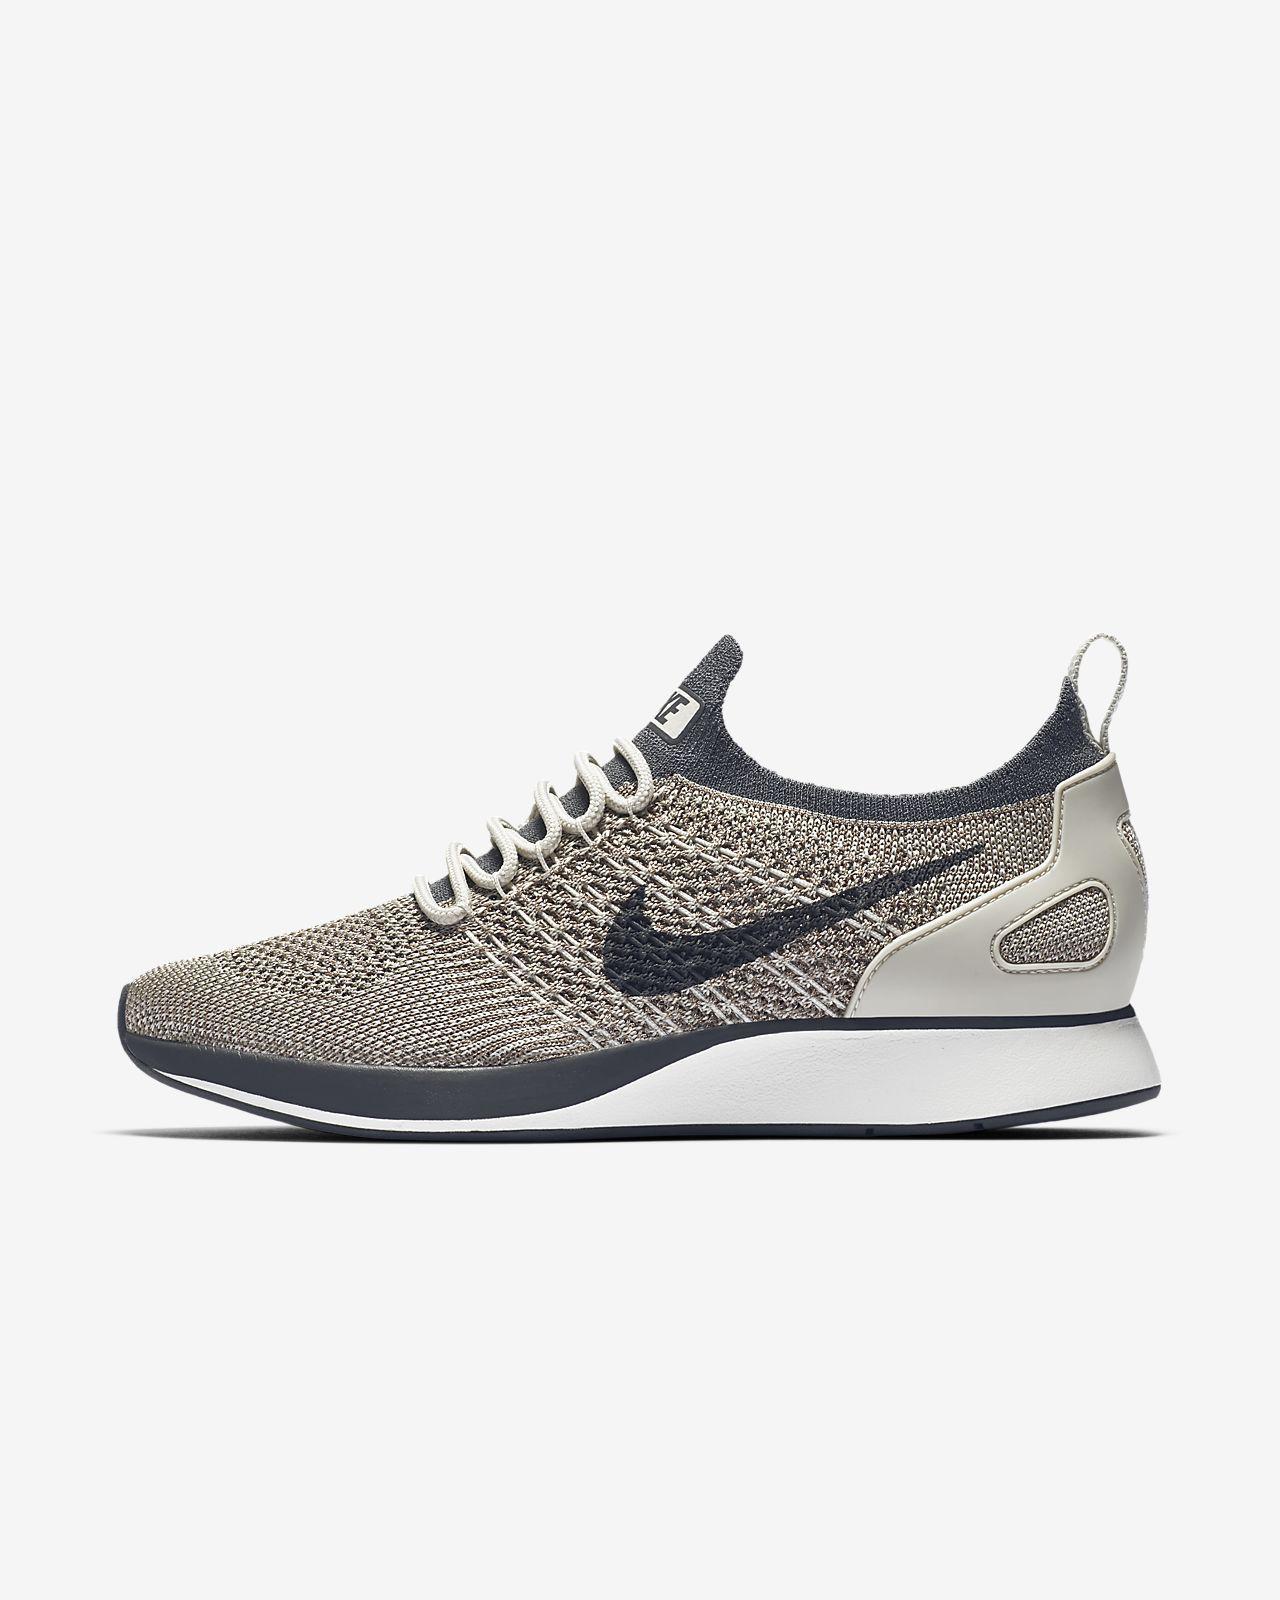 2b055b11cfec Nike Air Zoom Mariah Flyknit Racer Women s Shoe